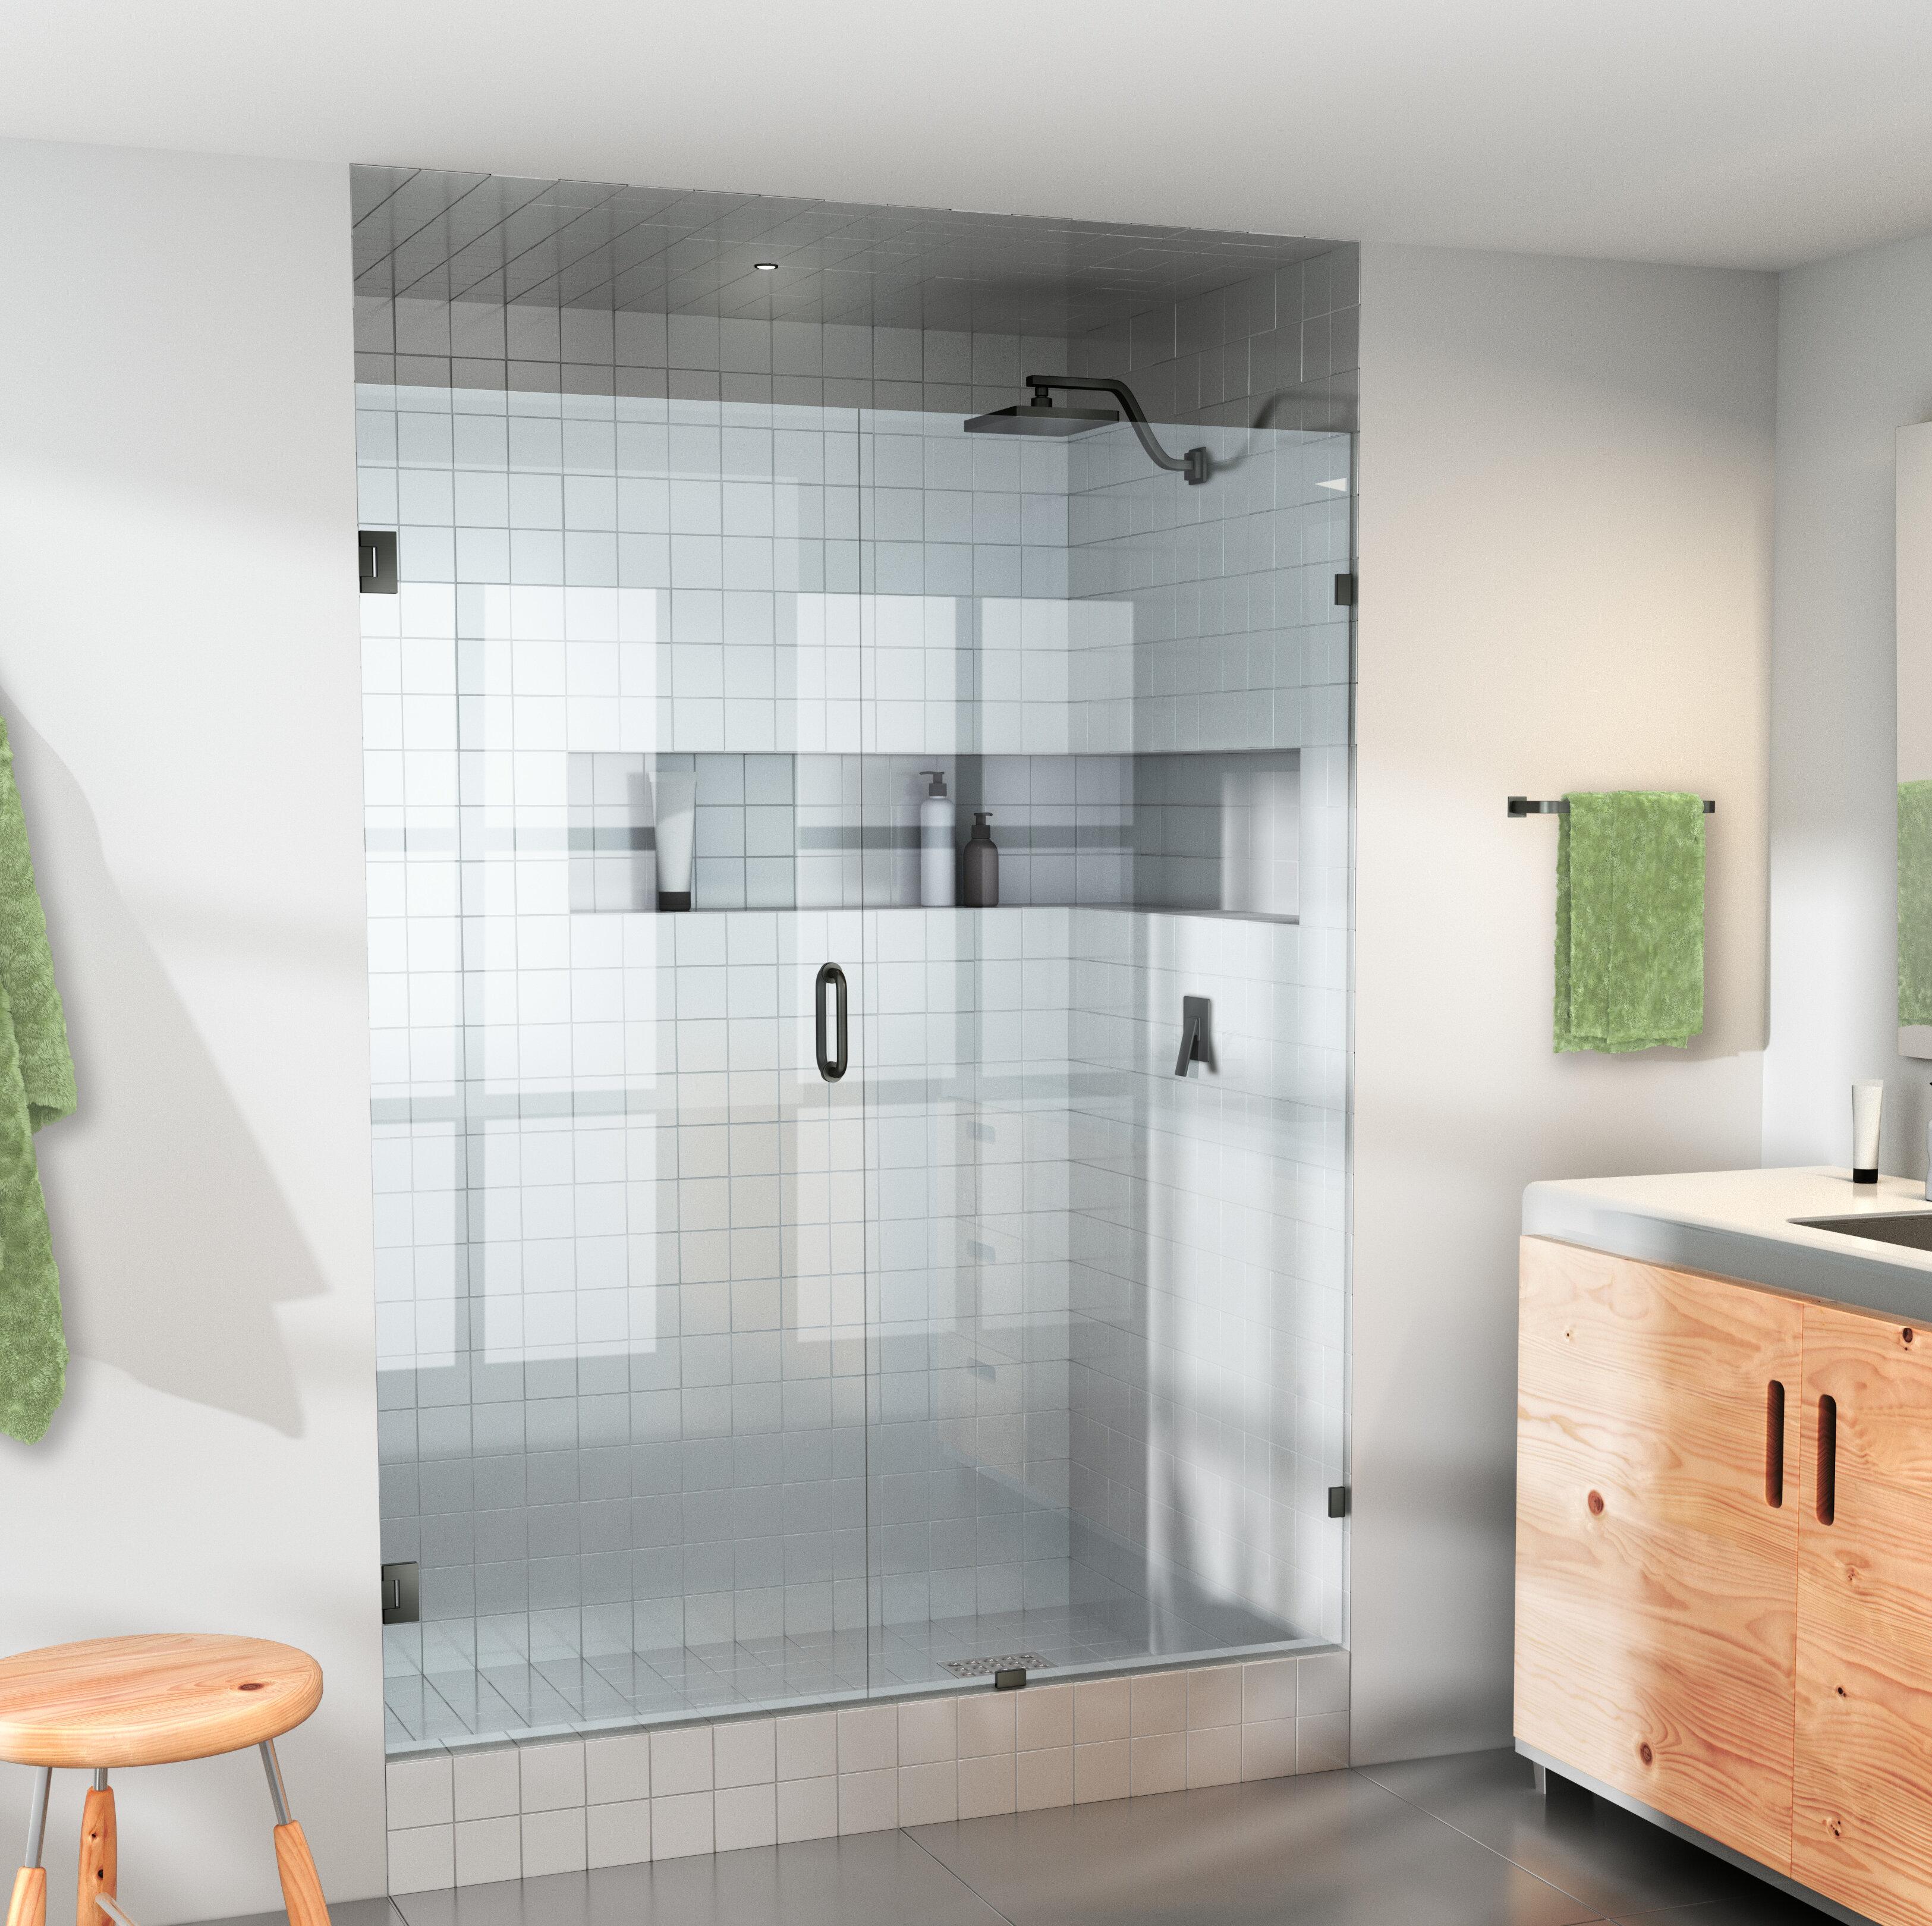 35 5 X 78 Hinged Frameless Shower Door